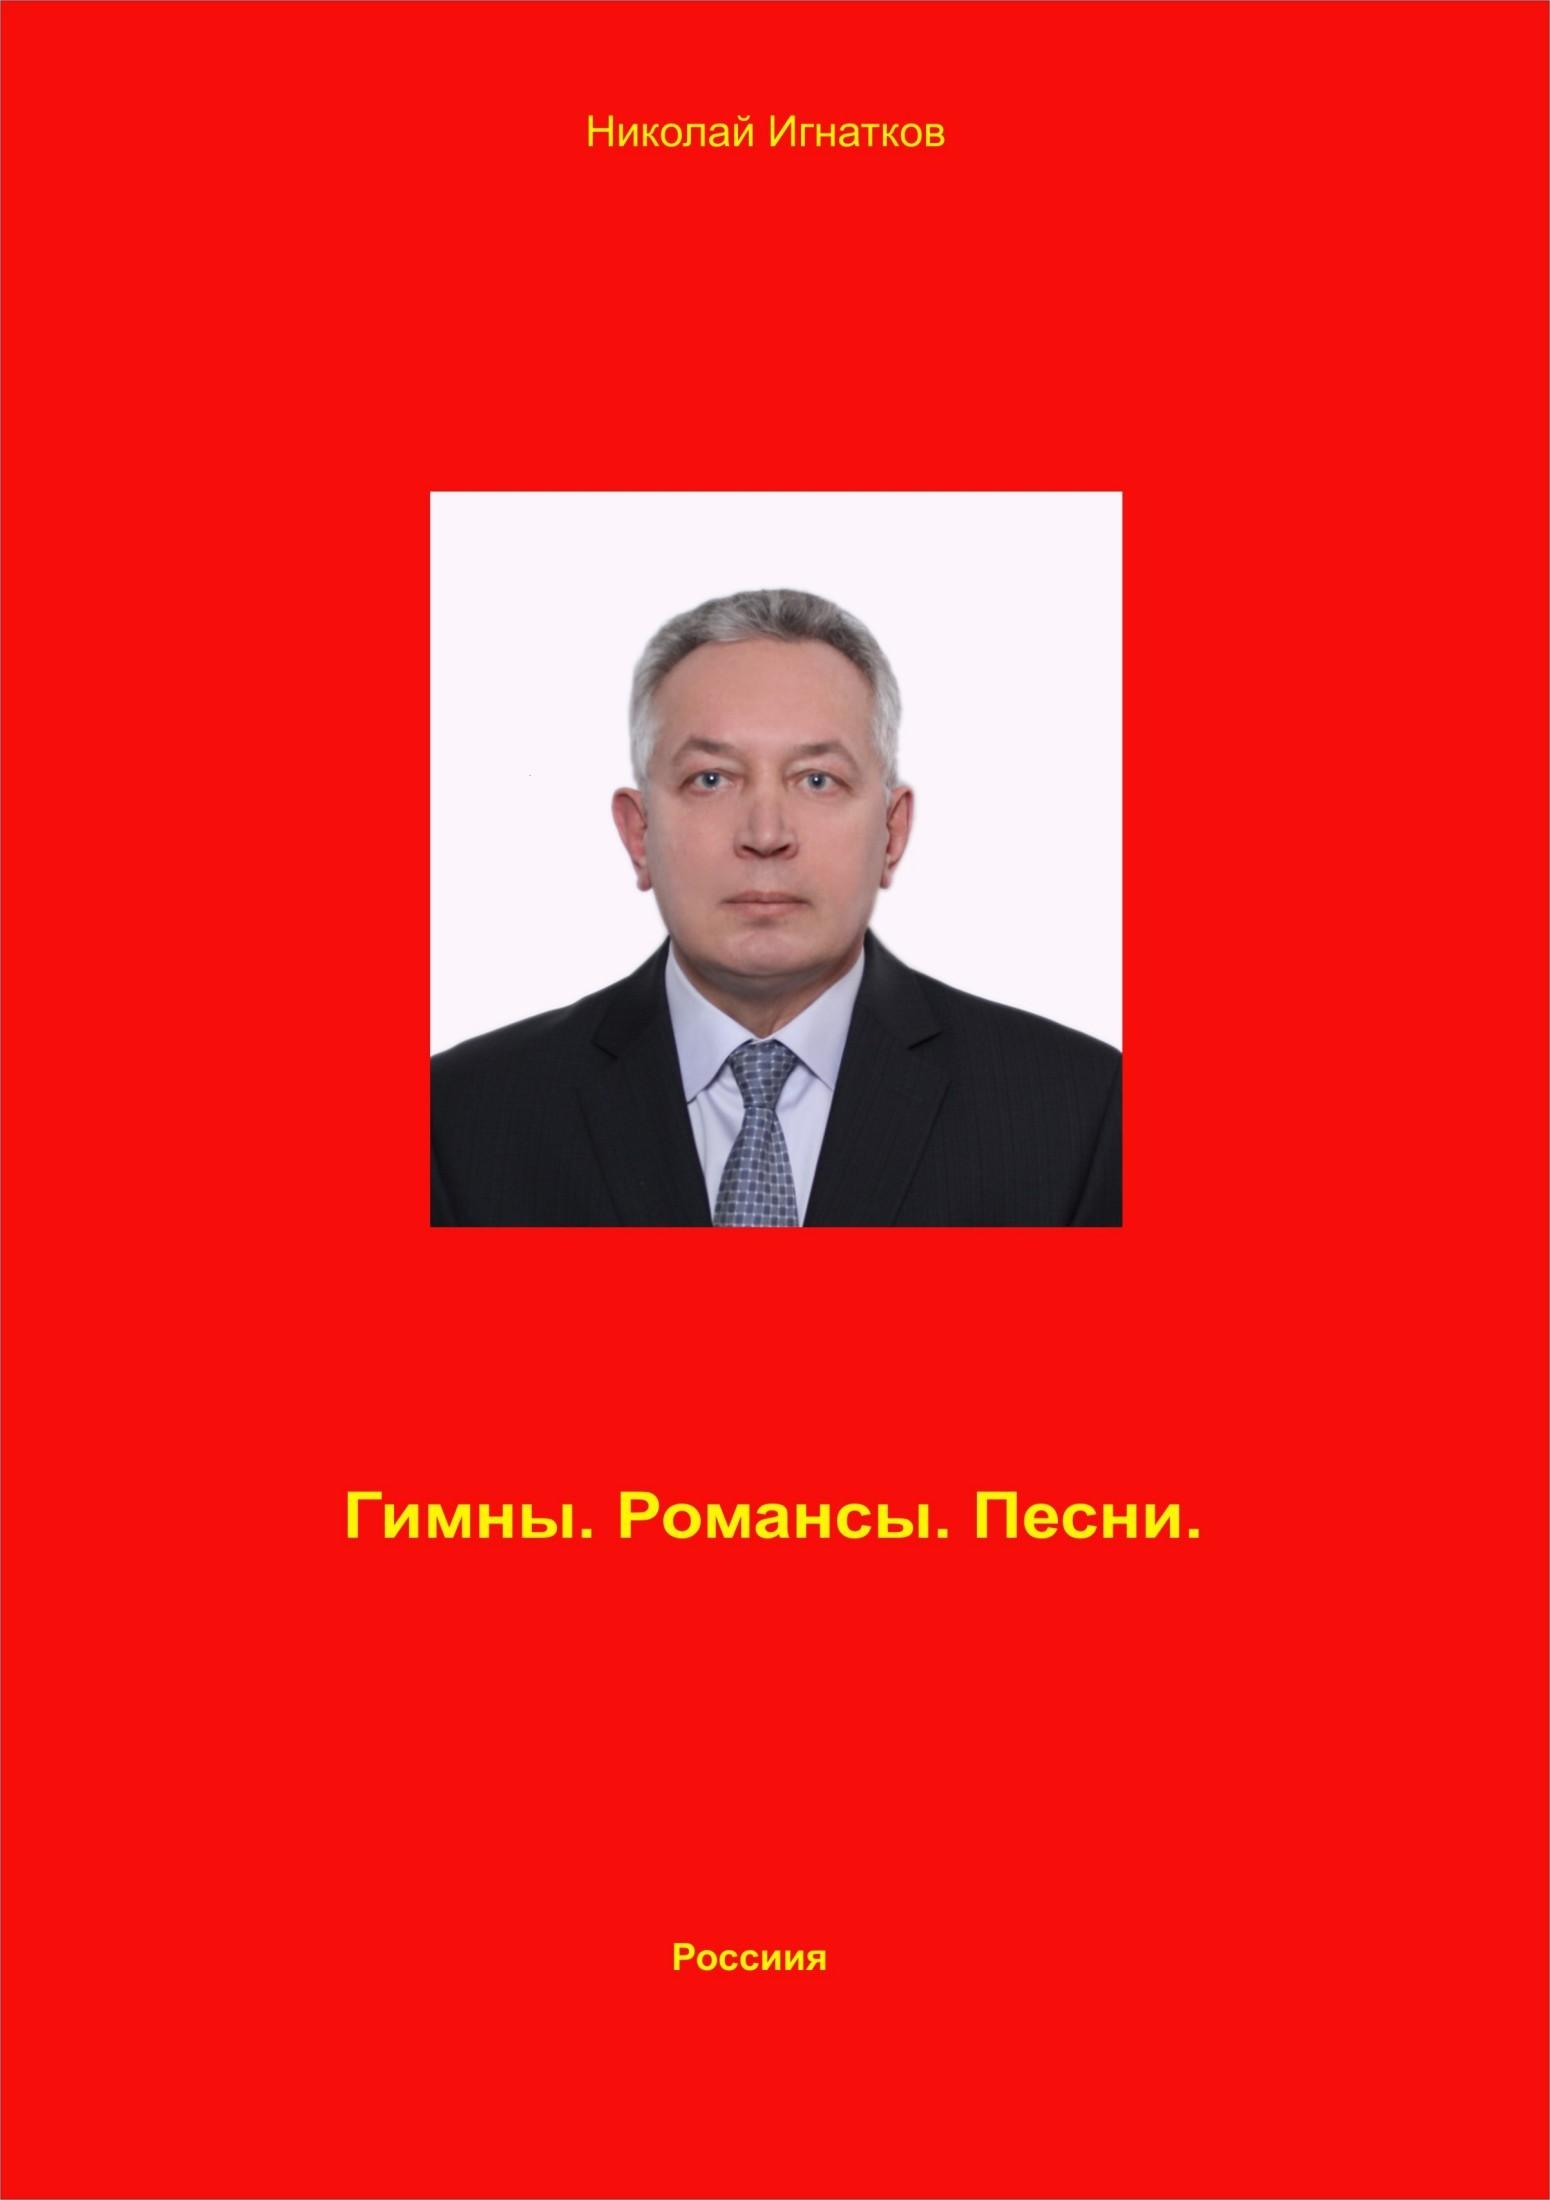 Николай Викторович Игнатков Гимны. Романсы. Песни цена и фото